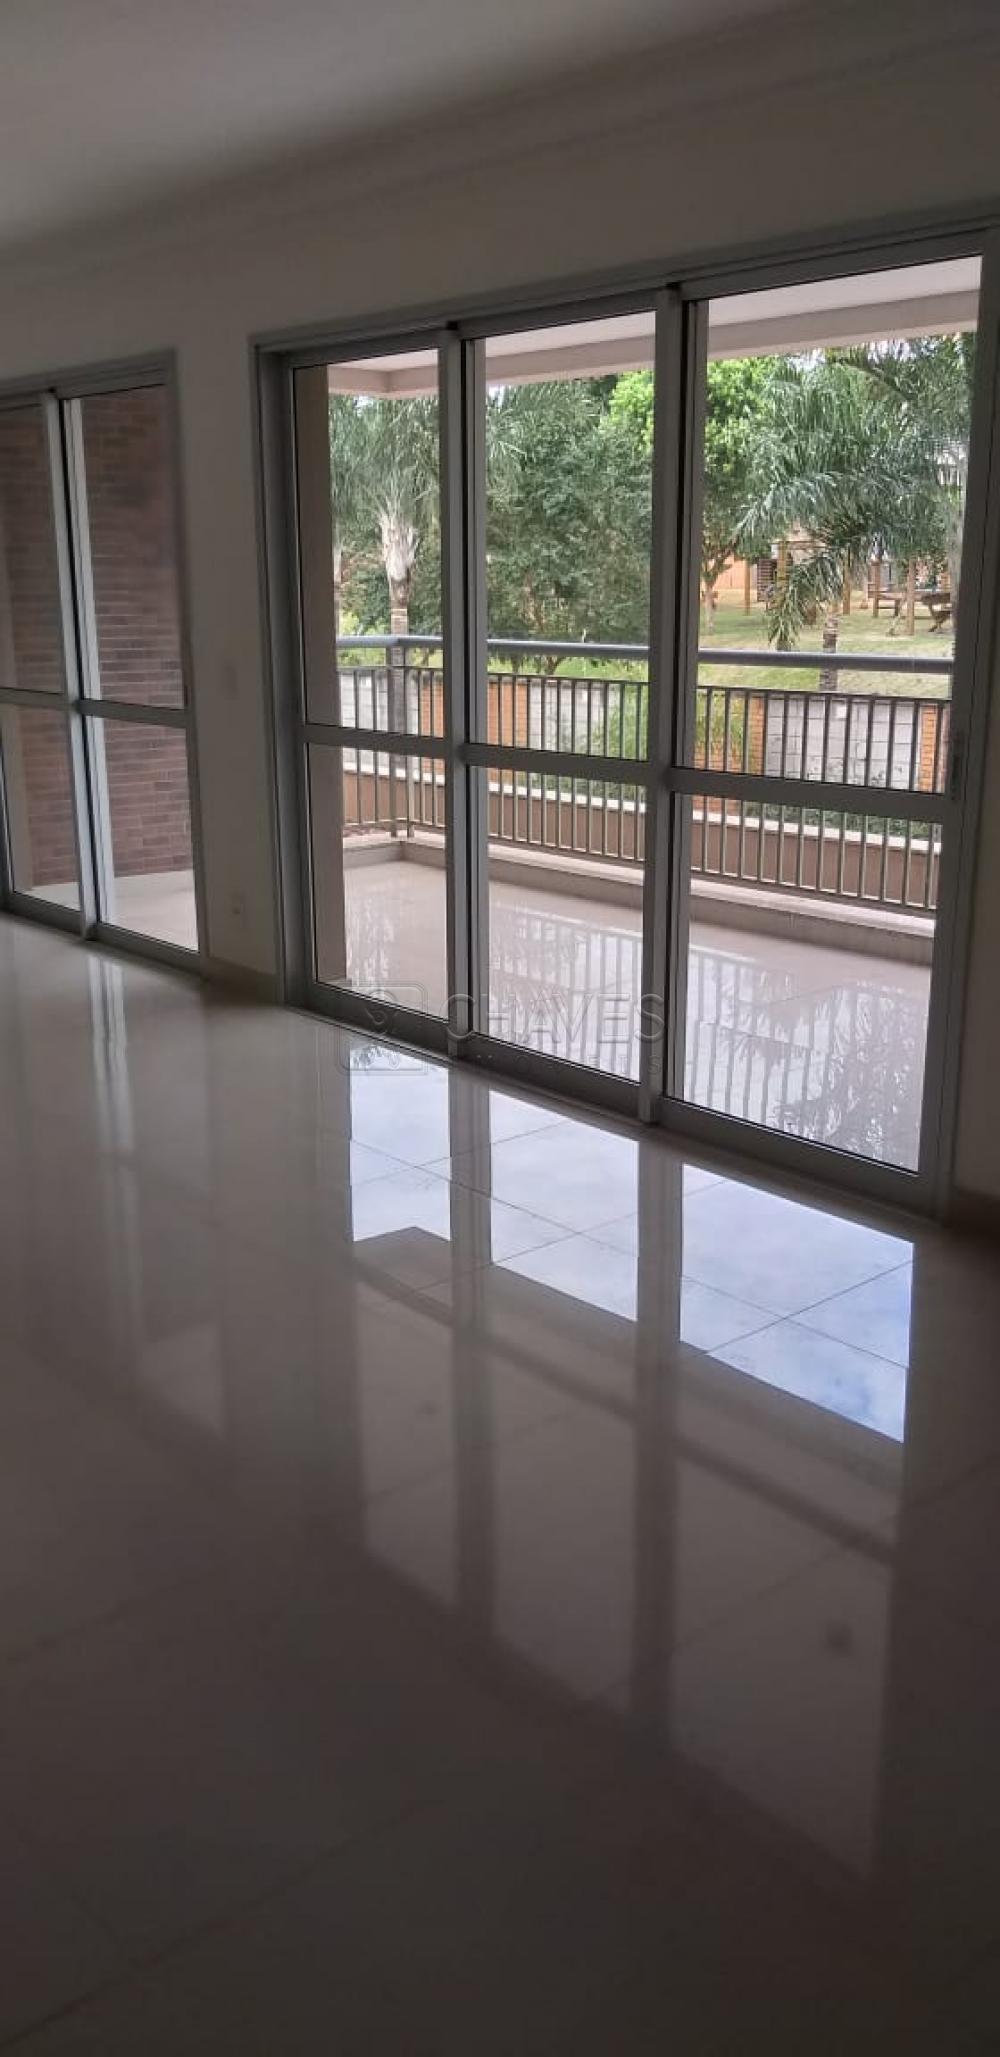 Comprar Apartamento / Padrão em Ribeirão Preto apenas R$ 756.933,41 - Foto 2